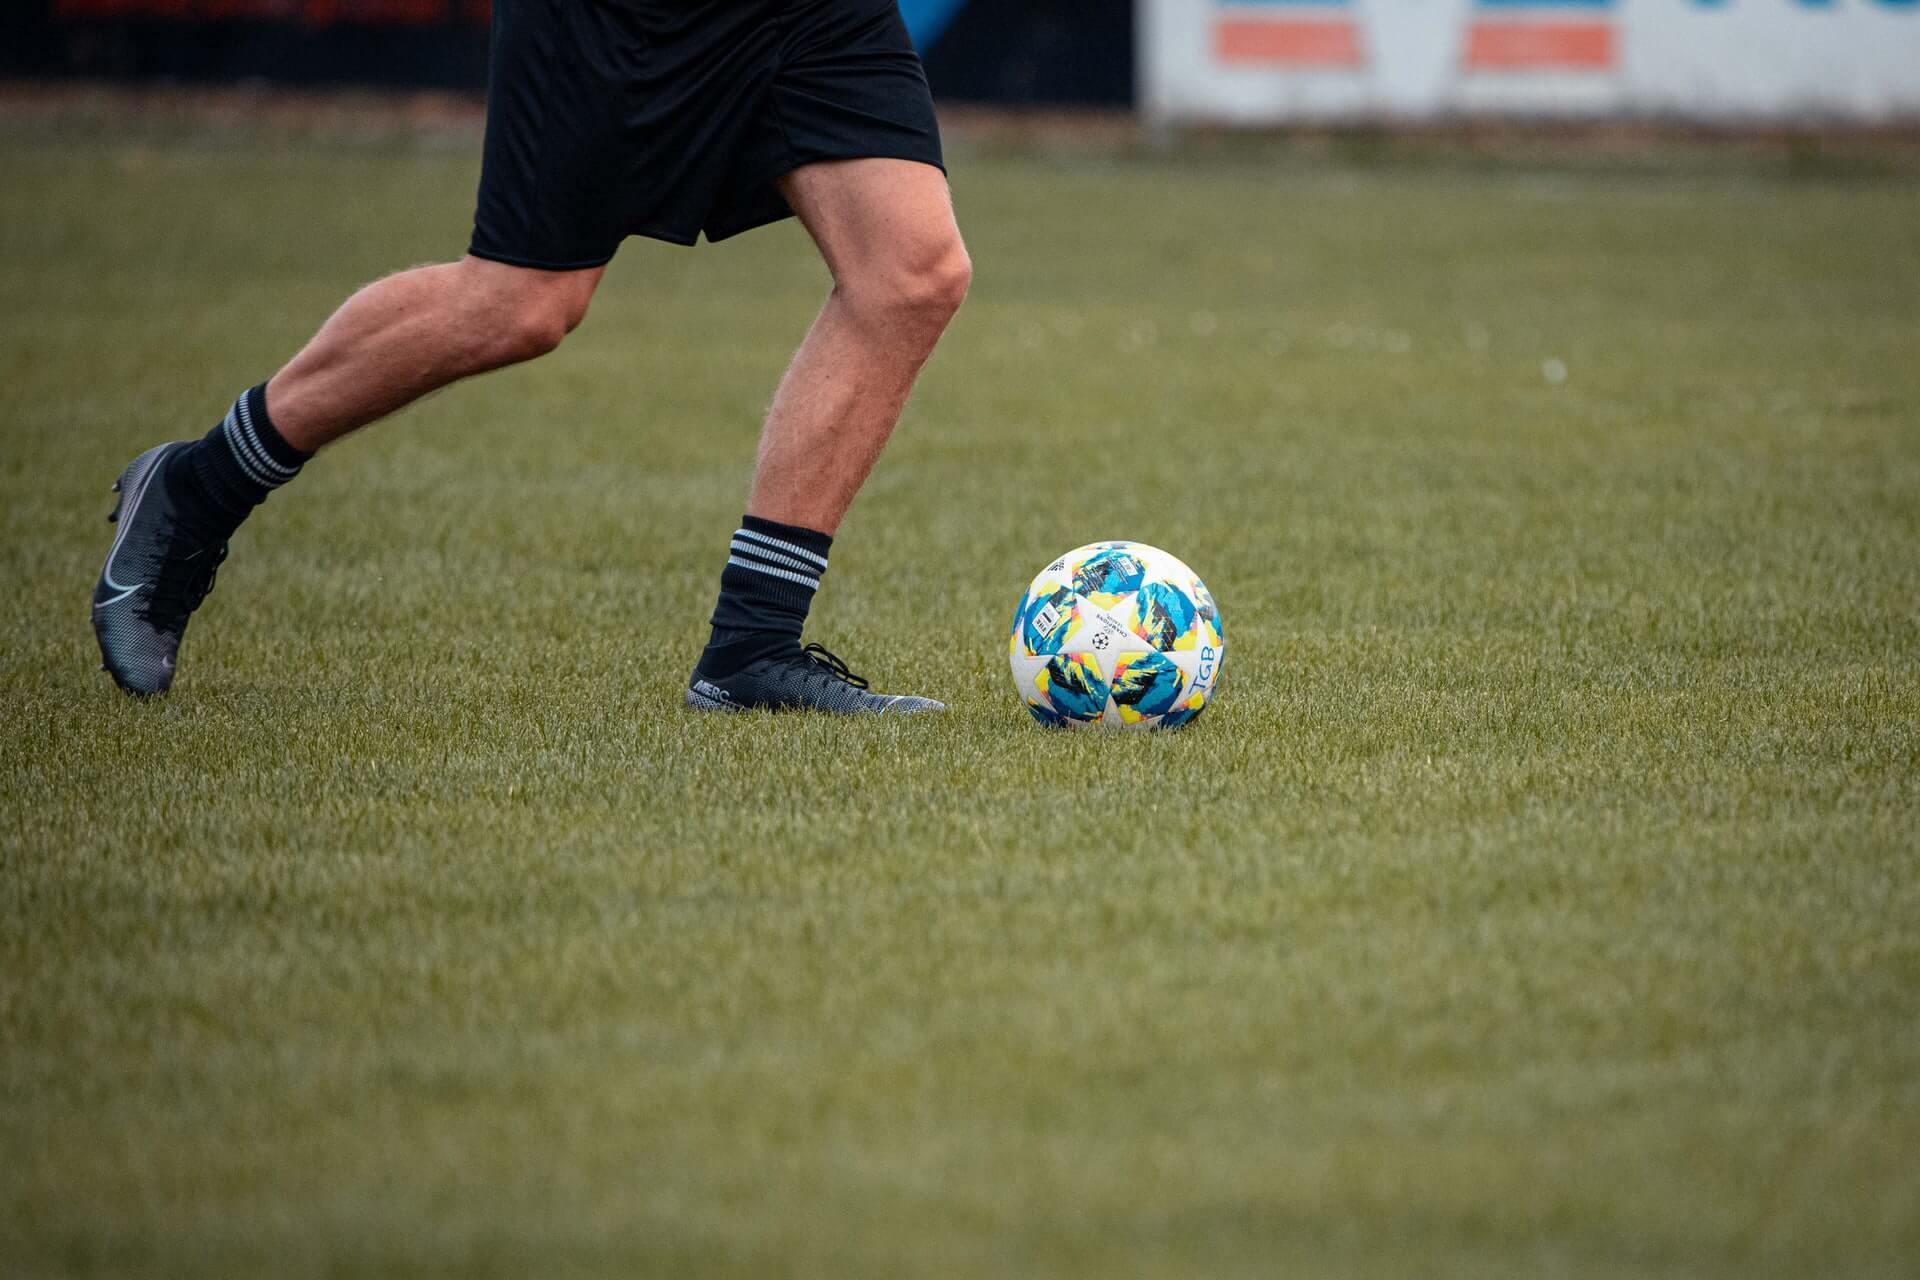 Fotball turer til Watford kampe